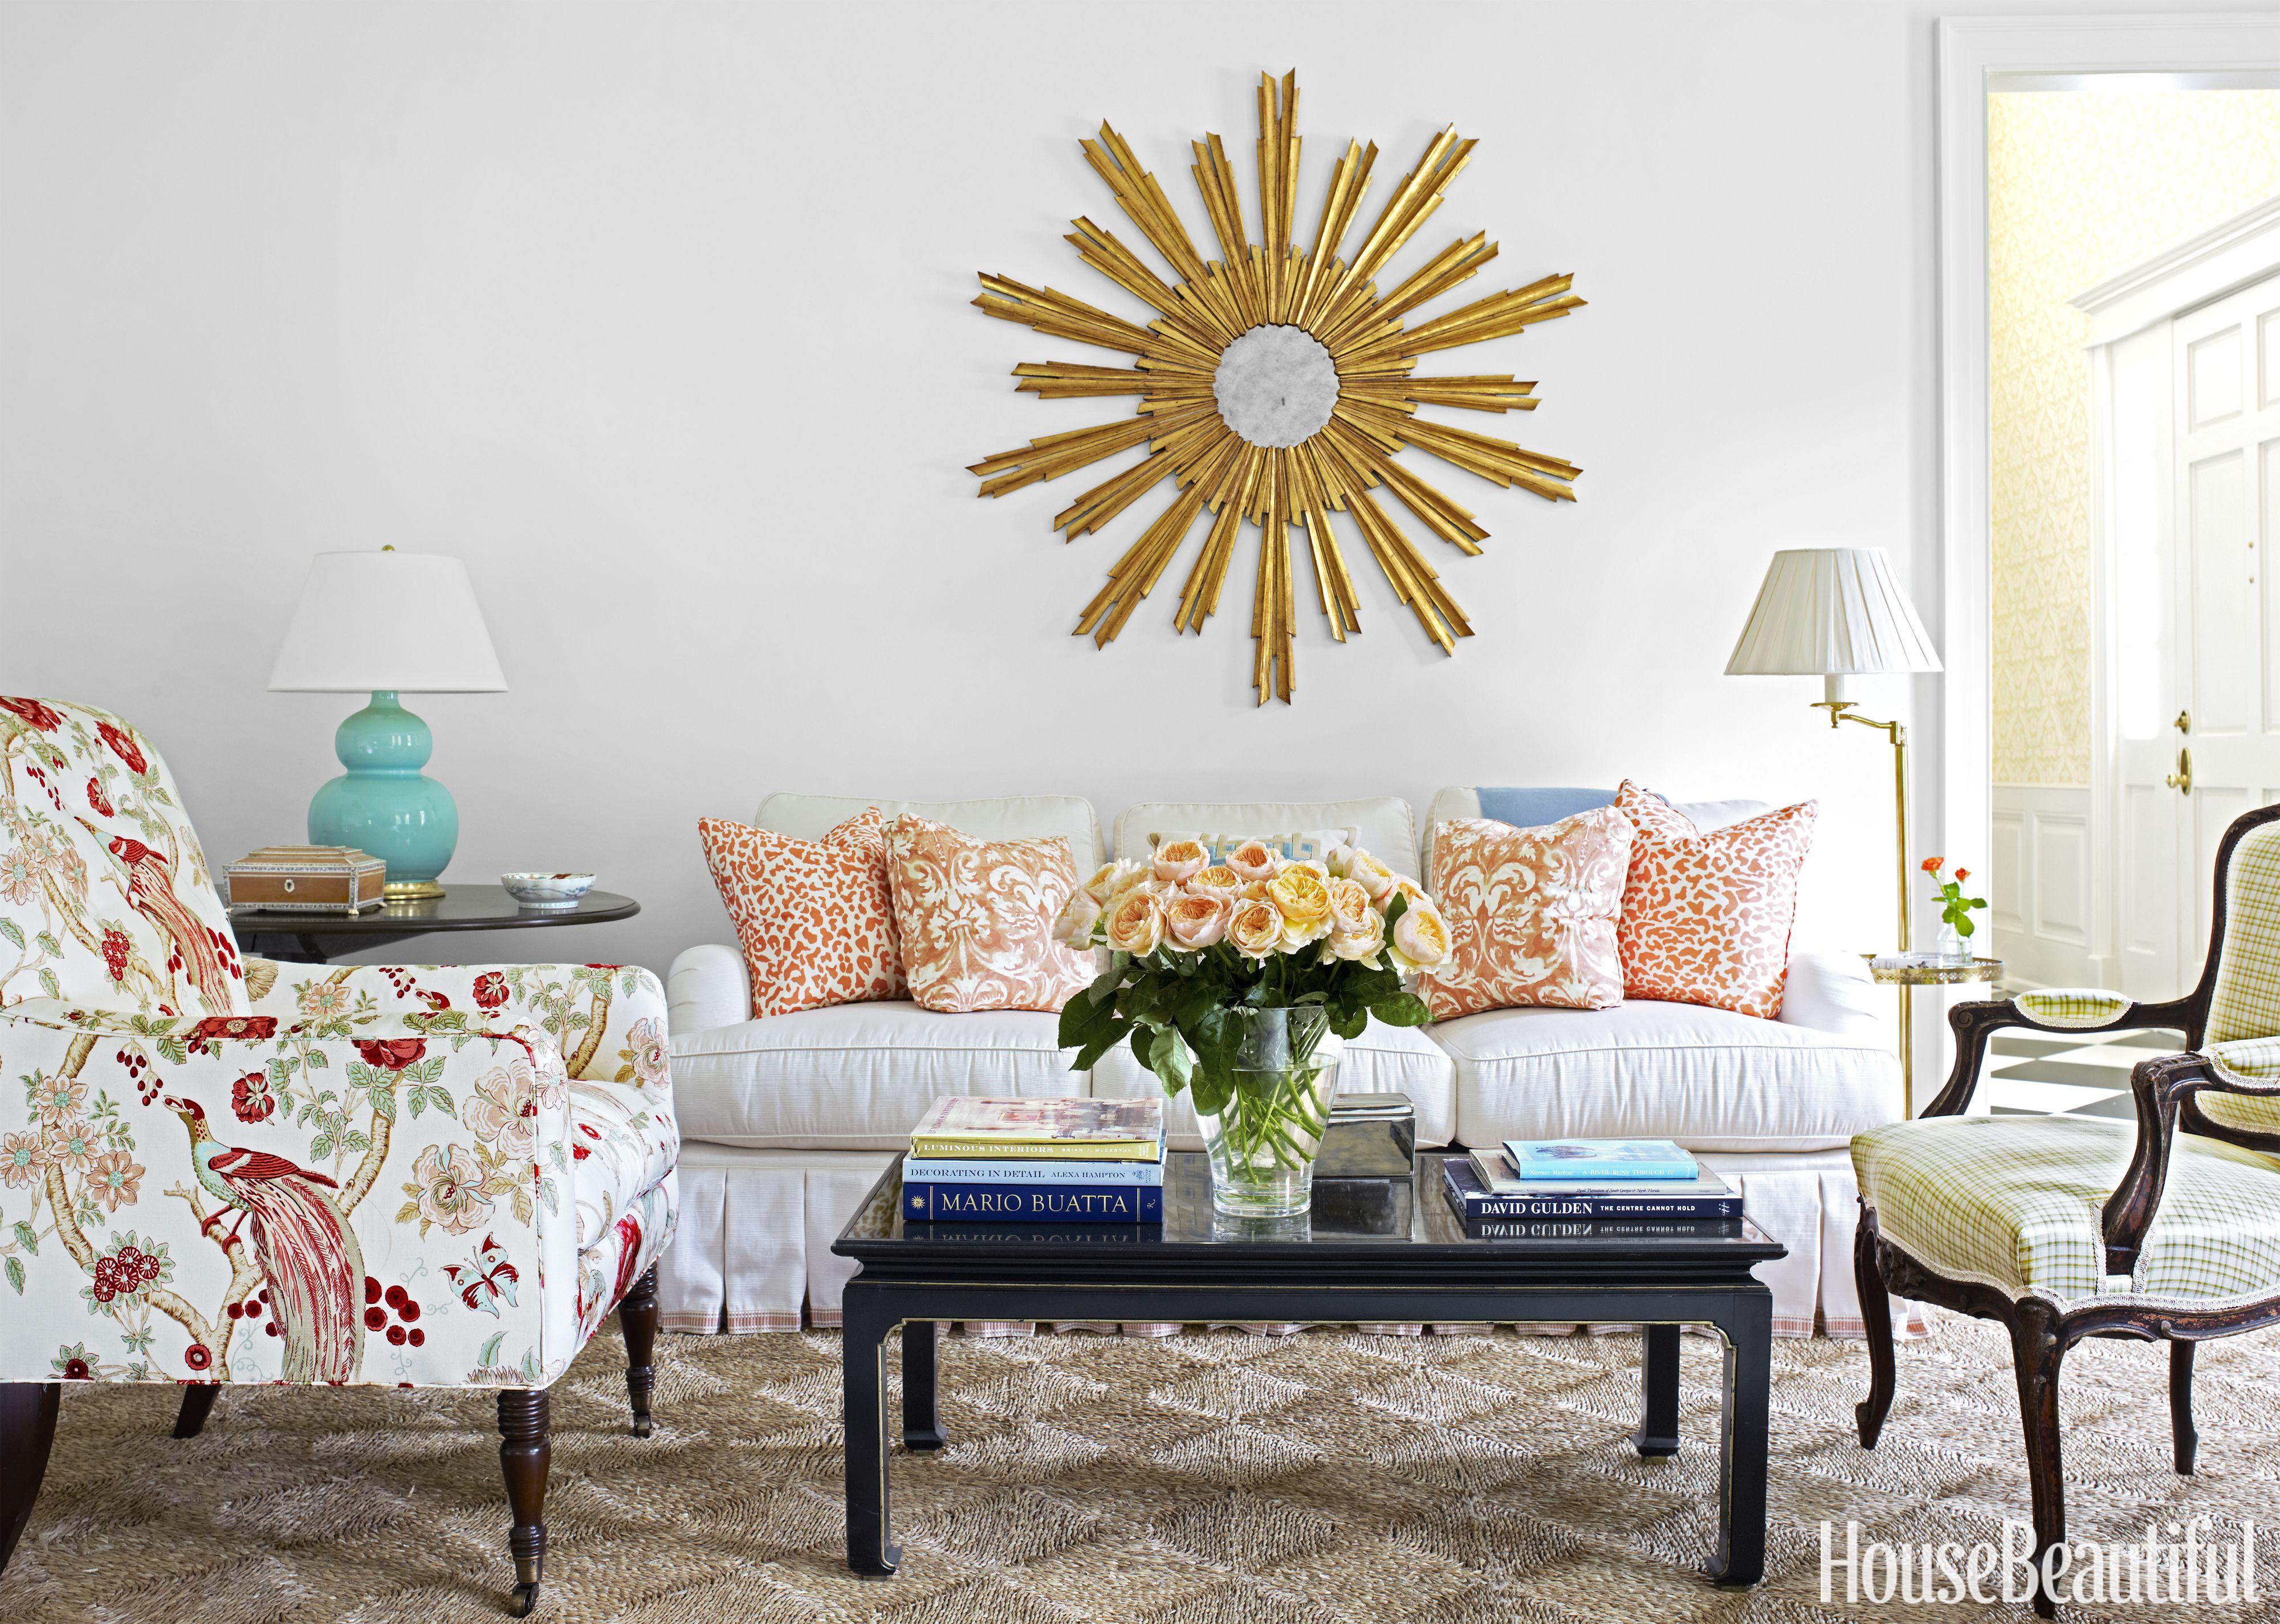 DIY Home Decor Tips and Tricks